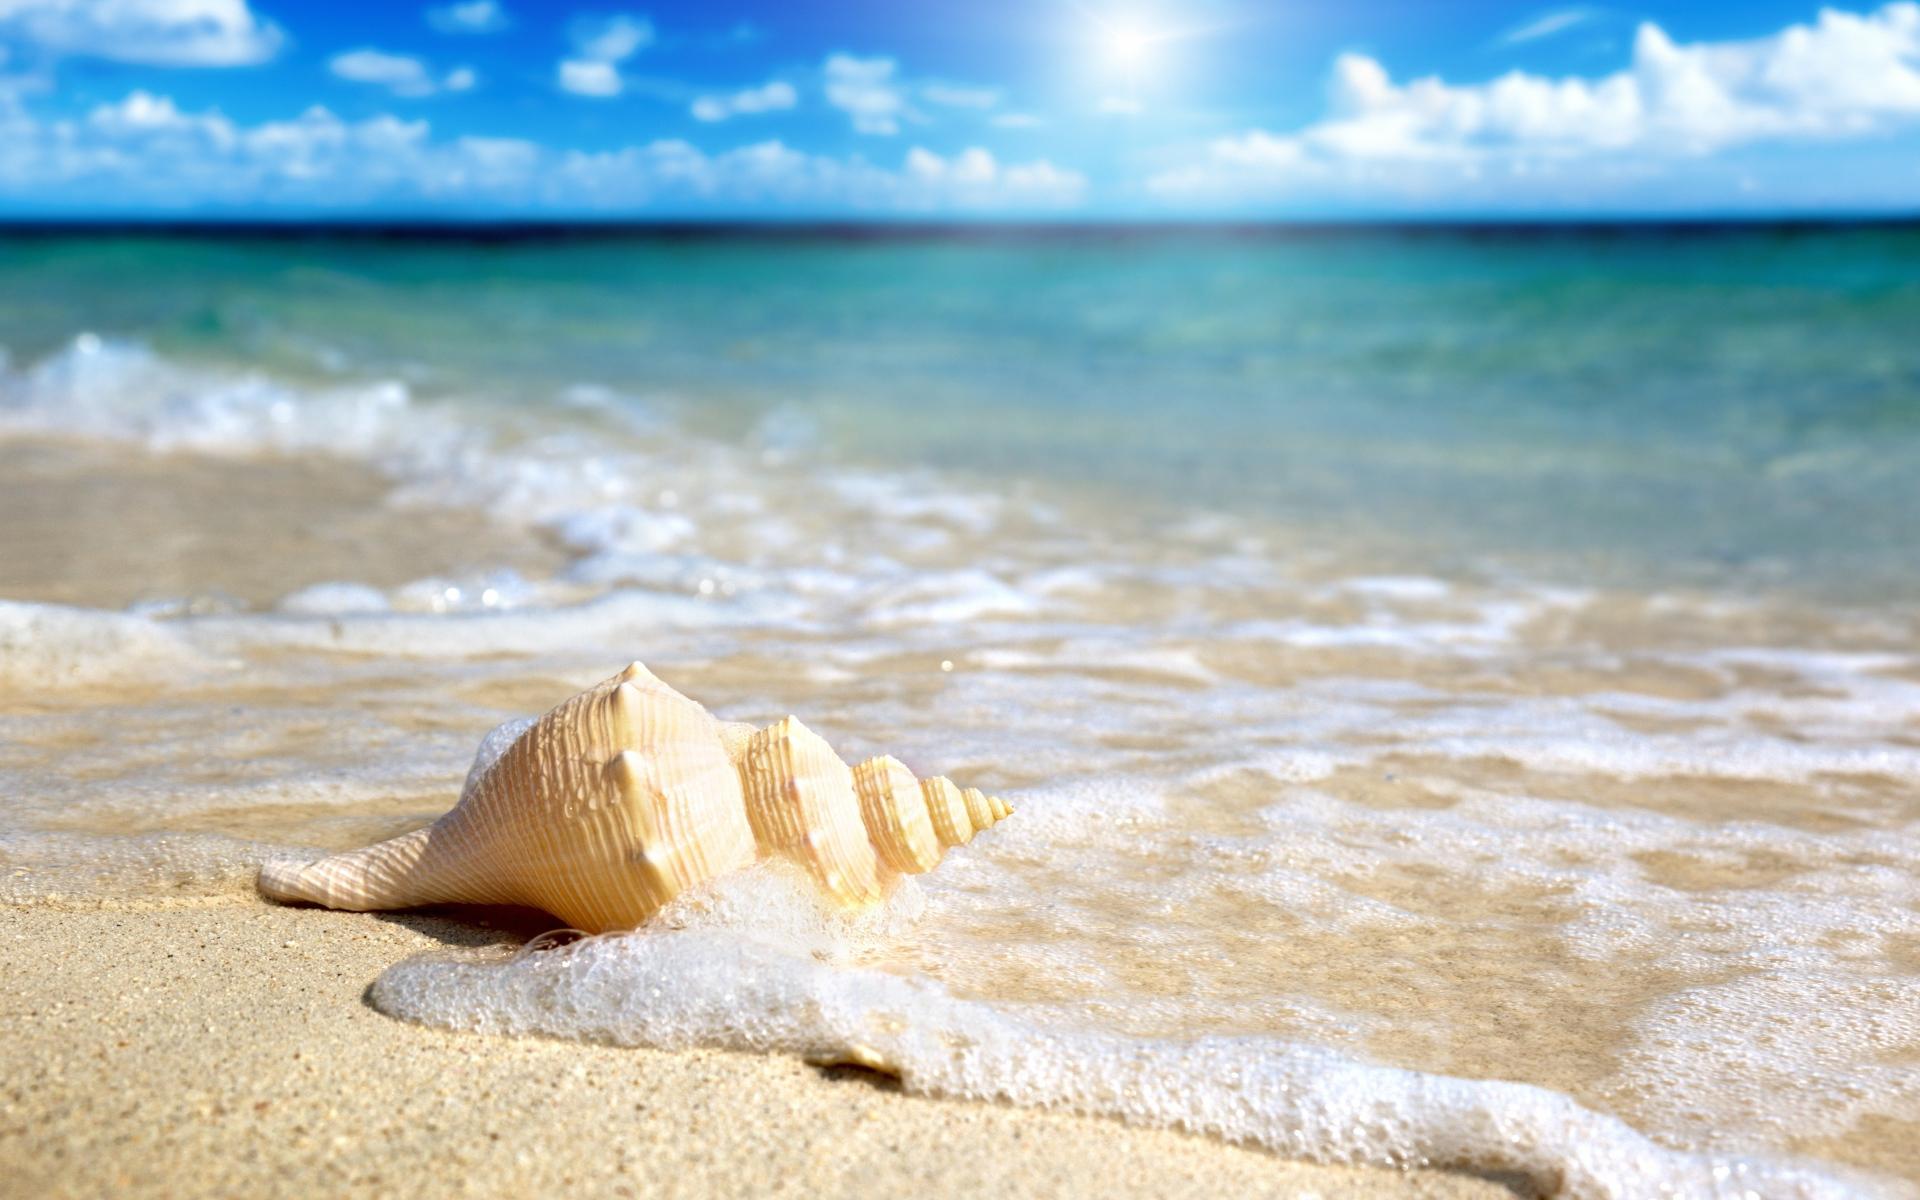 обои для рабочего стола морской песок № 833535 бесплатно